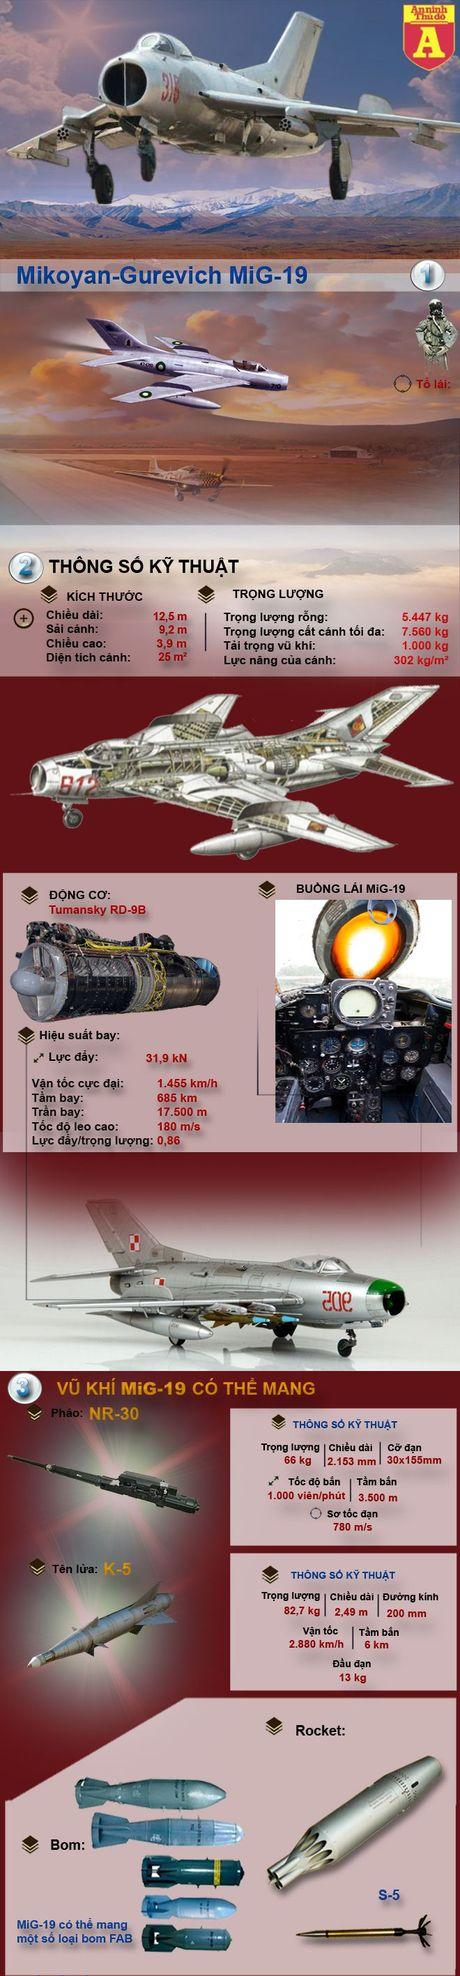 MiG-19 Ke nan gan sieu tiem kich F-4 My tren bau troi Viet Nam - Anh 1